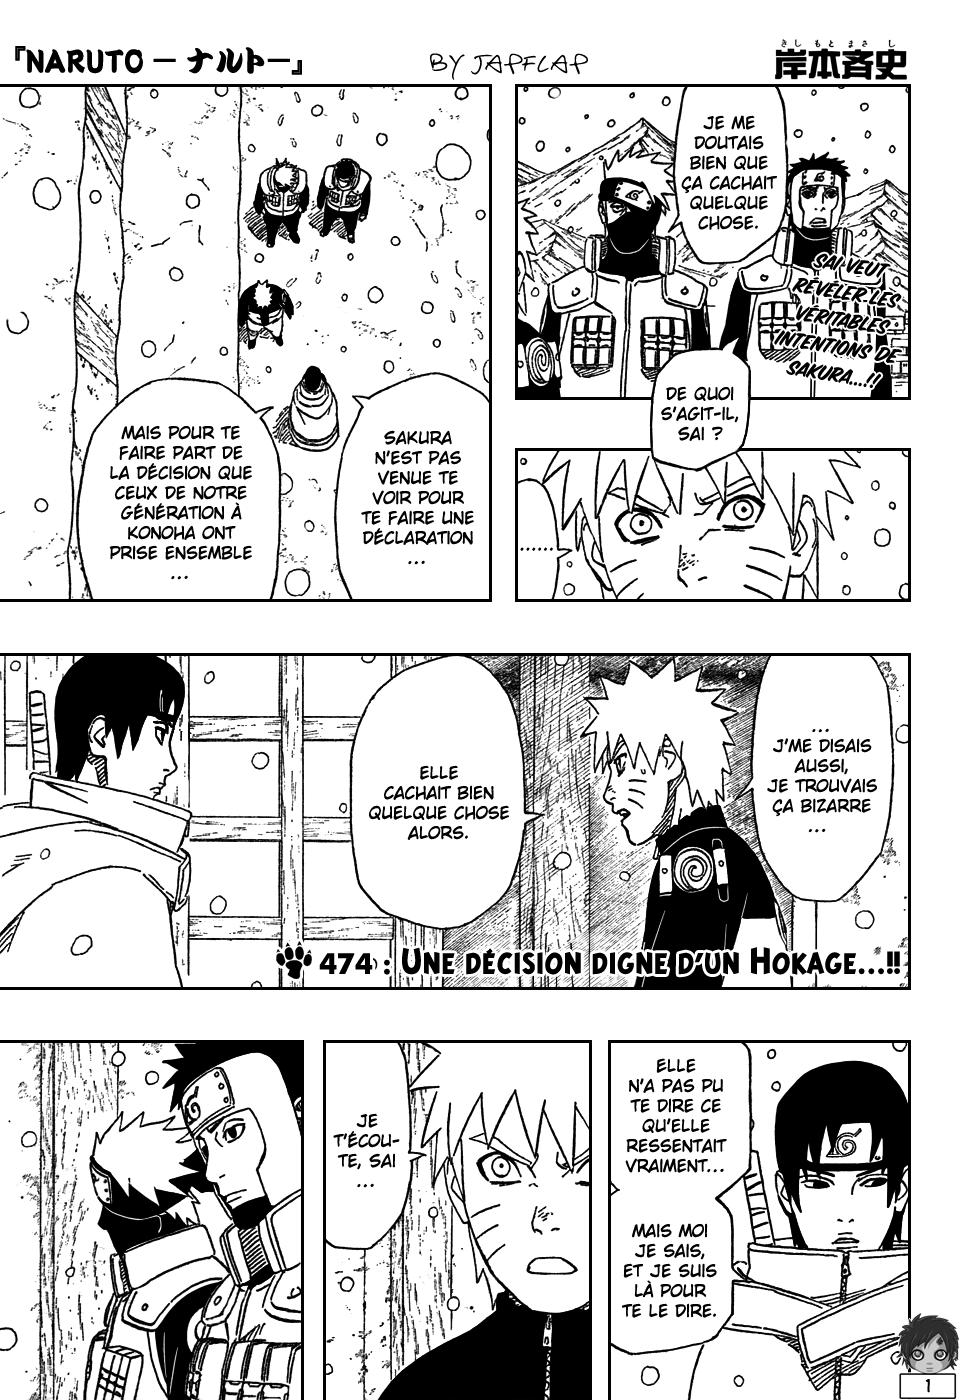 Naruto chapitre 474 - Page 1